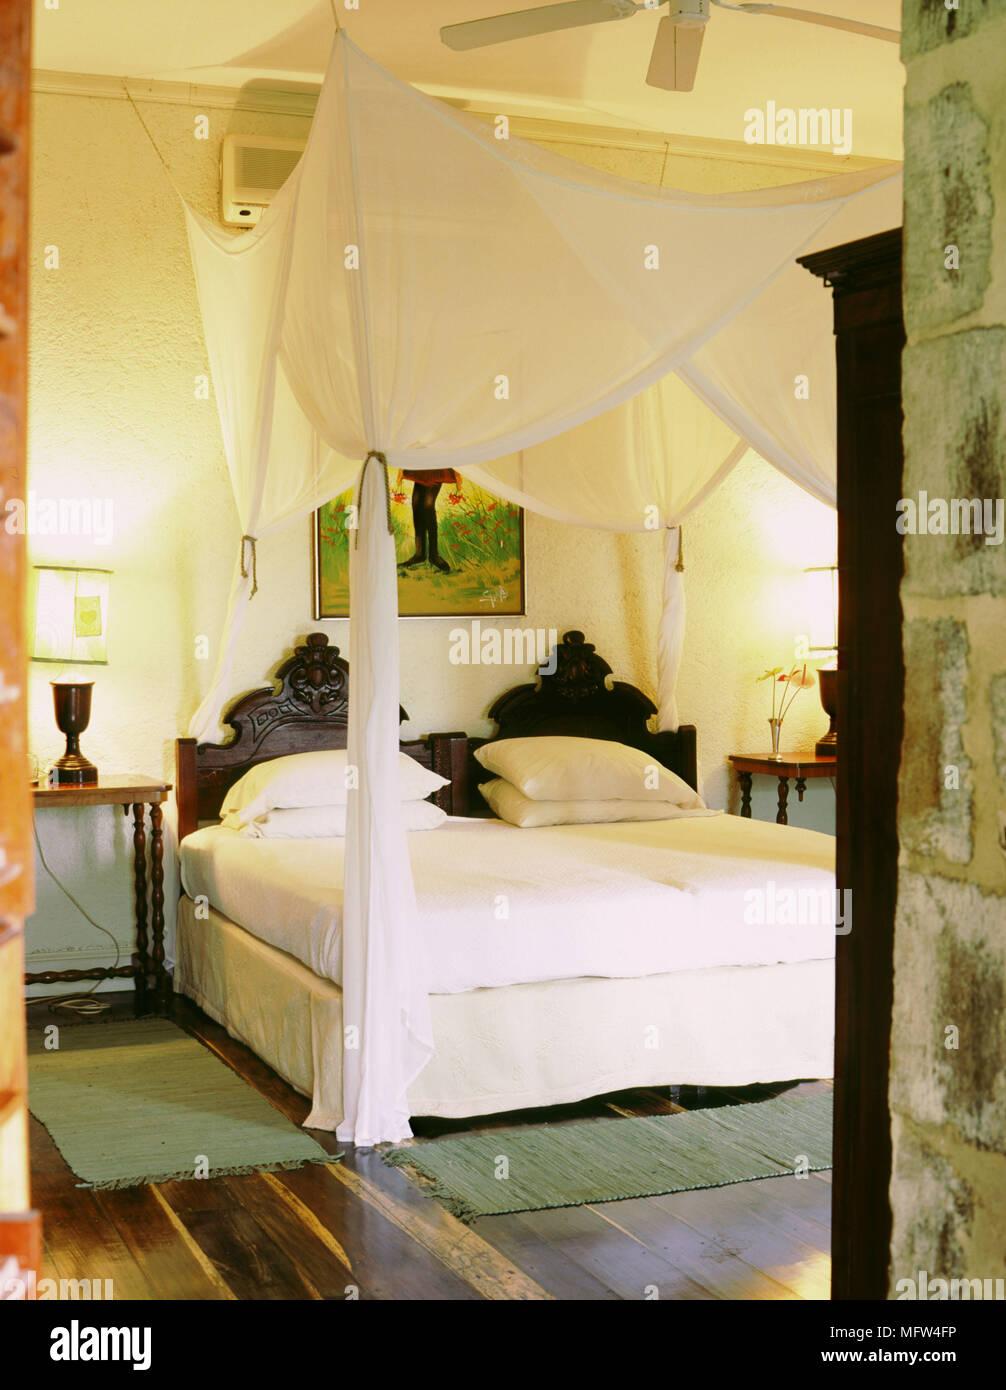 Land Schlafzimmer mit Holzboden leuchten Tischleuchte und eine ...